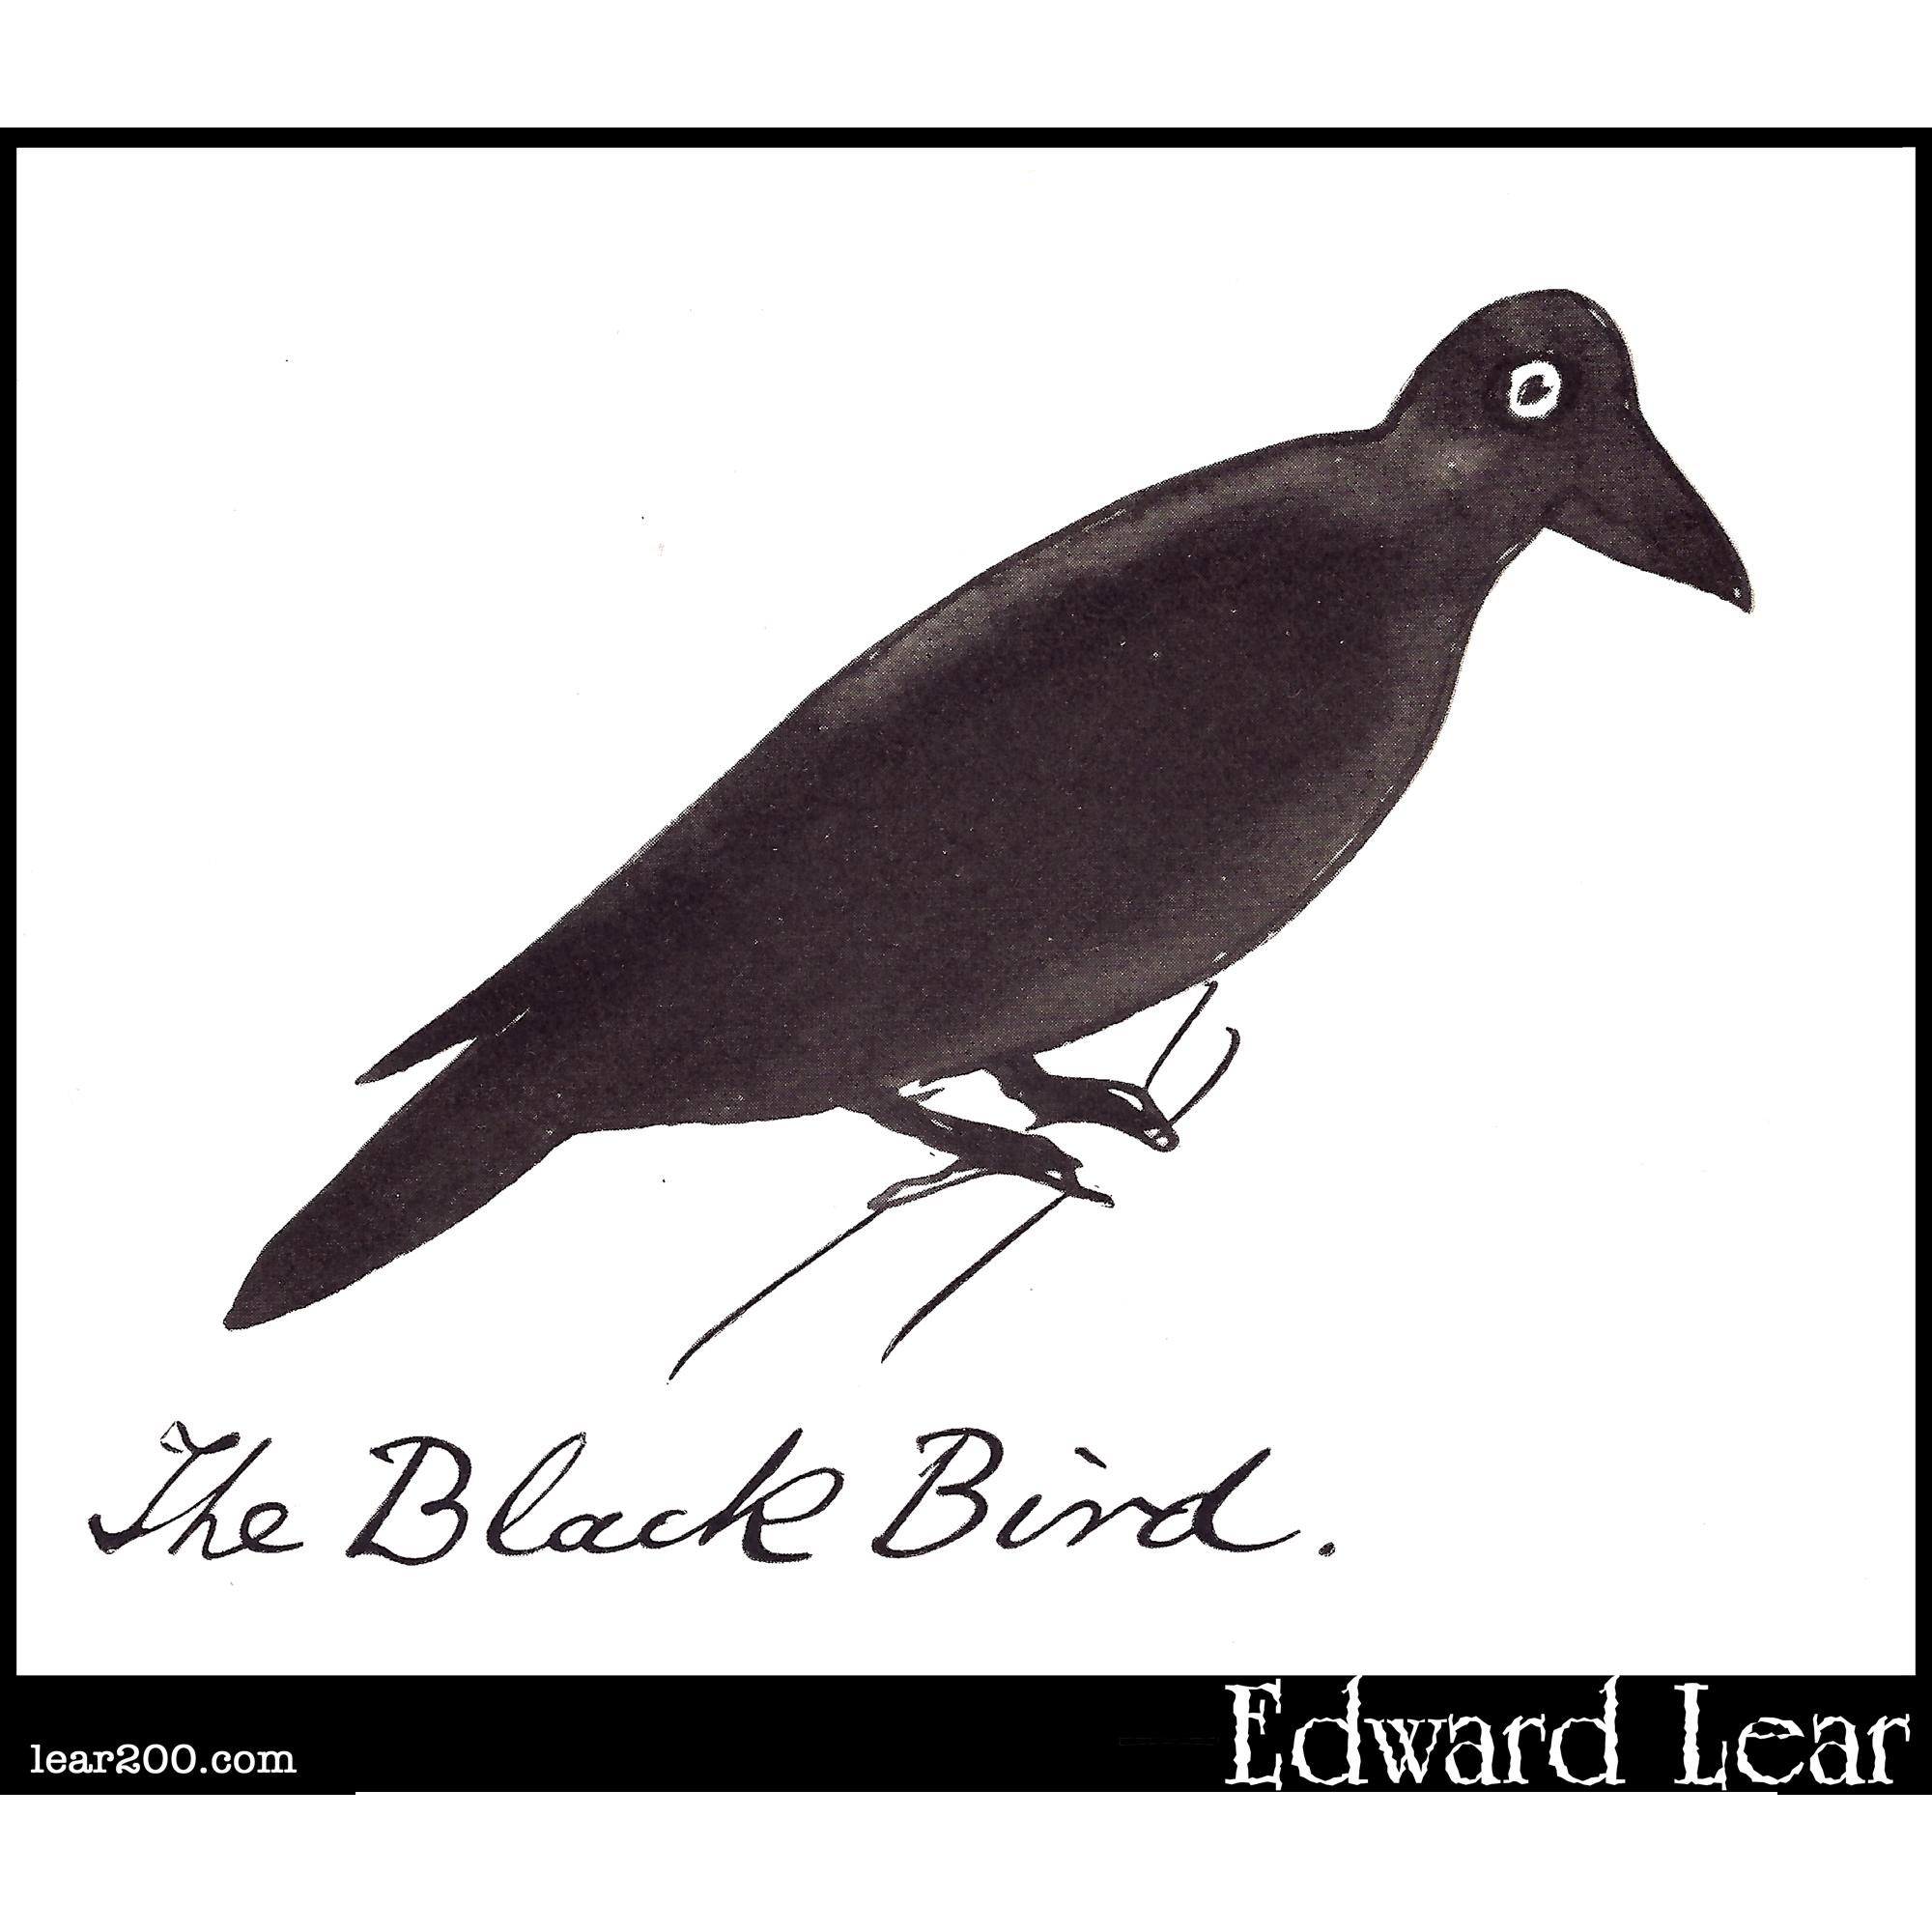 The Black Bird